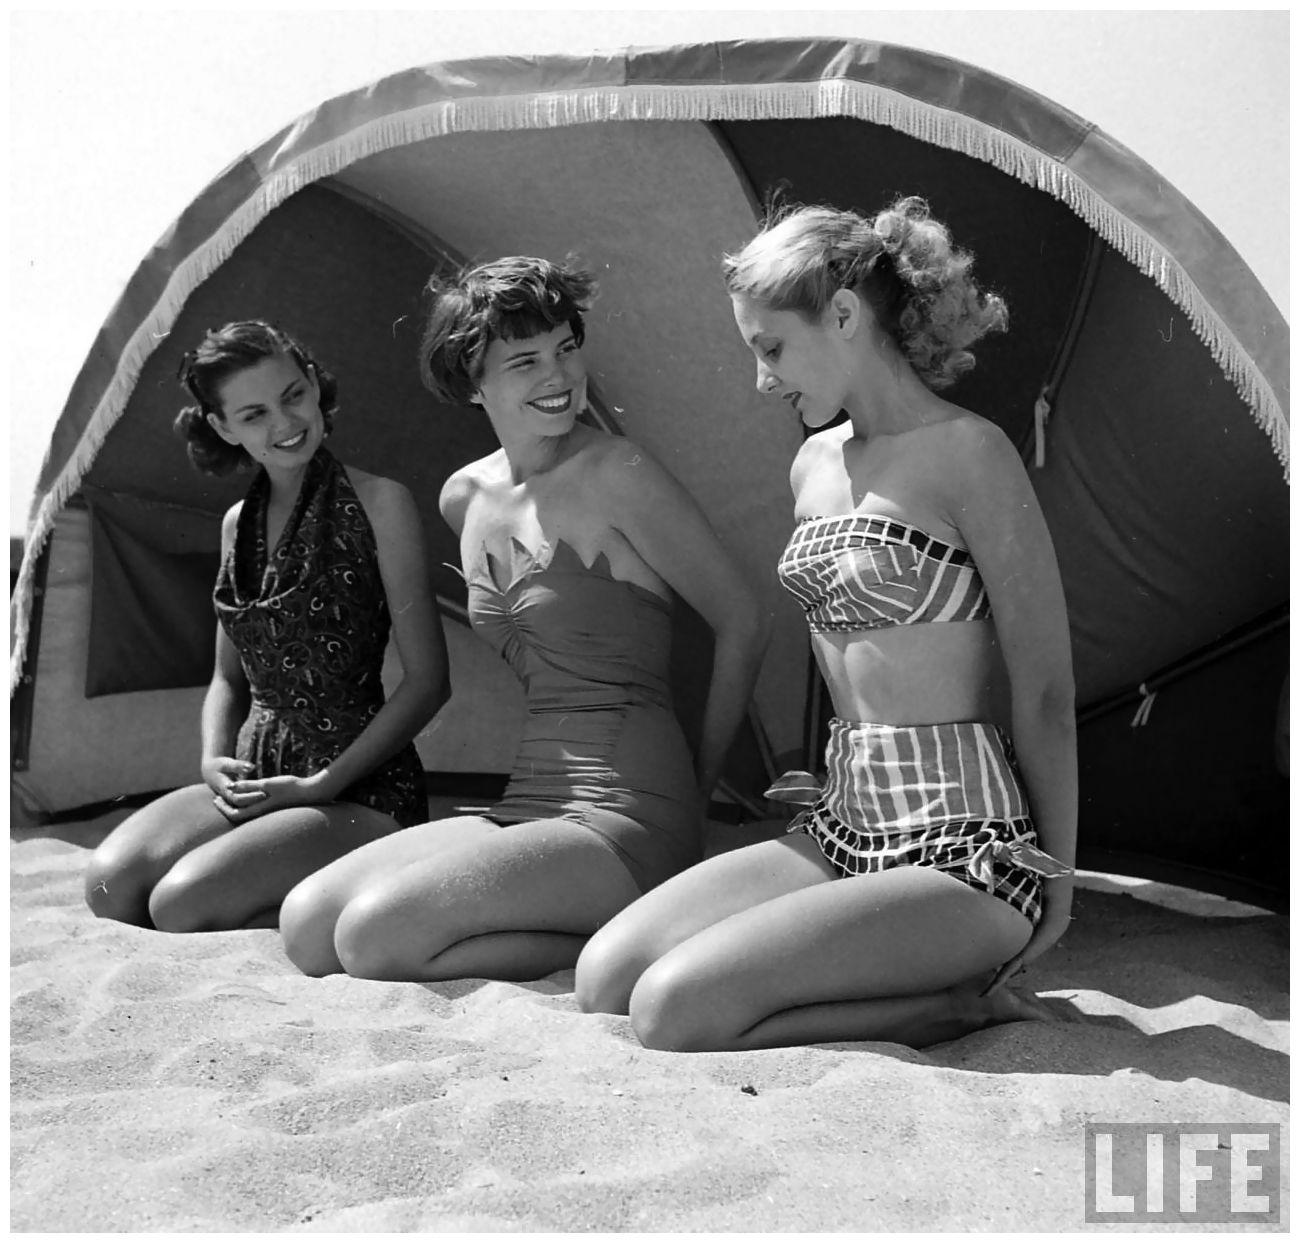 dd44a2db4adf2 Fashion models on the beach 1950